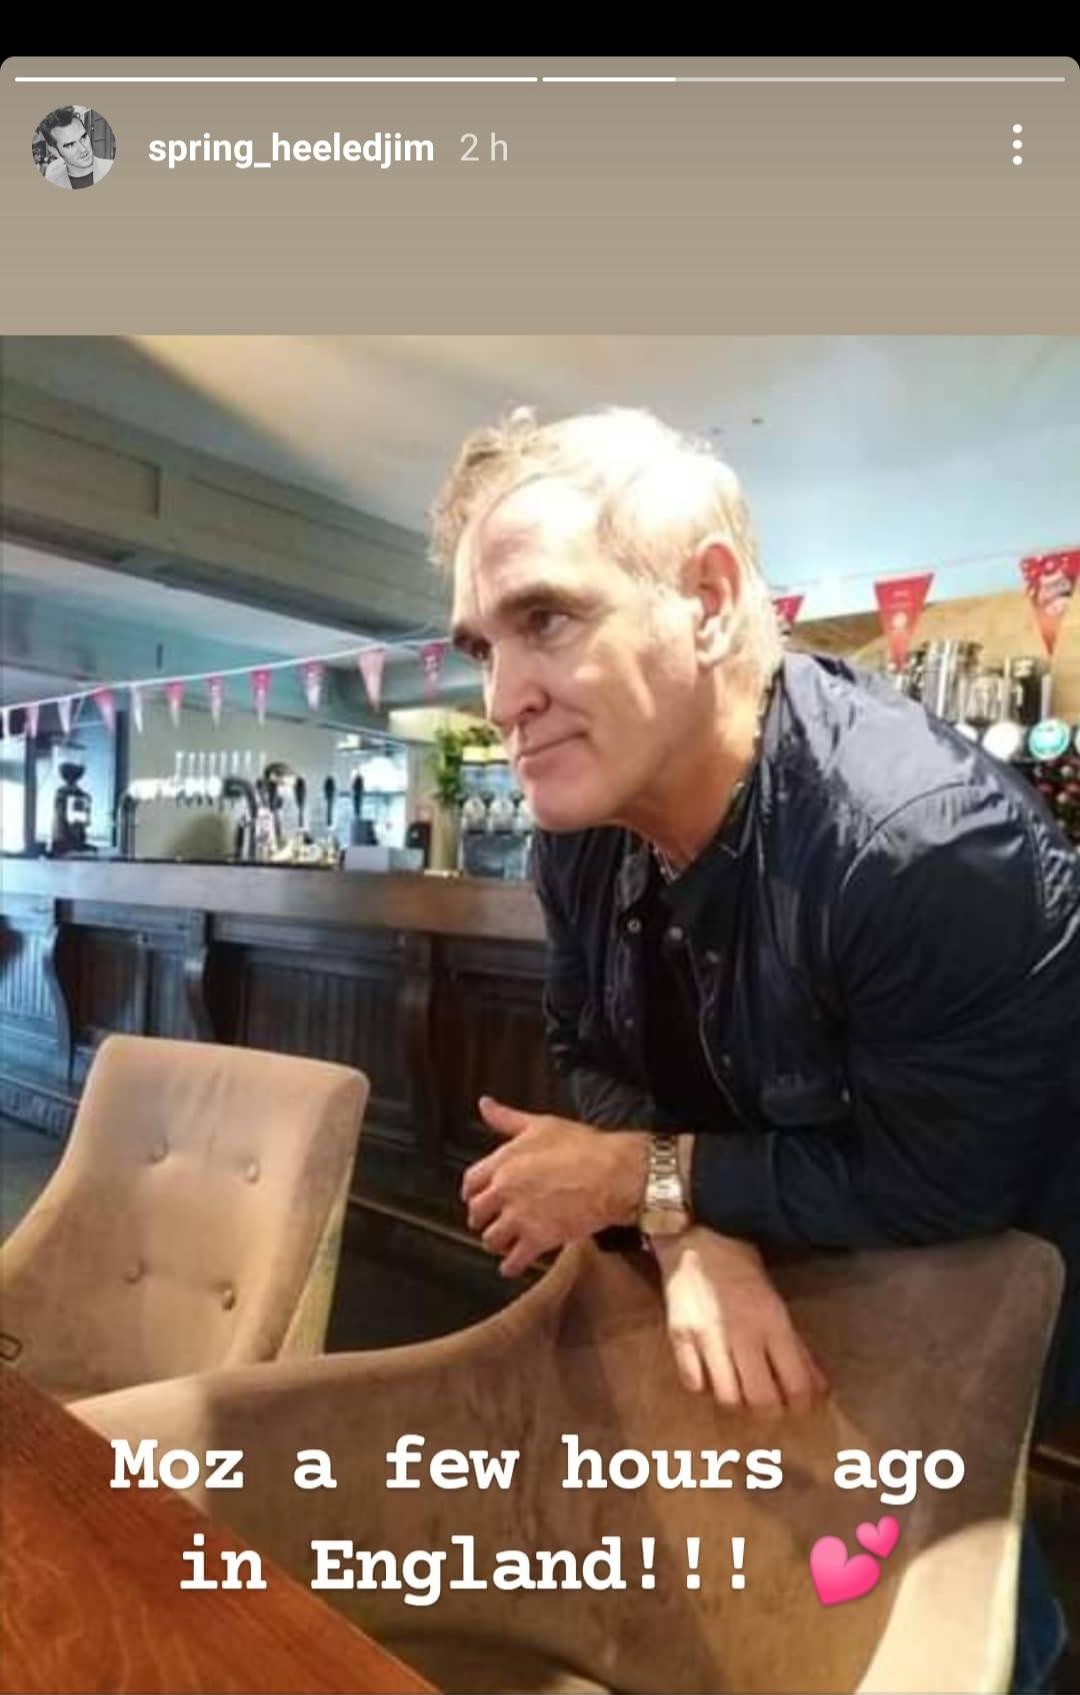 Morrissey03072021_2.jpg